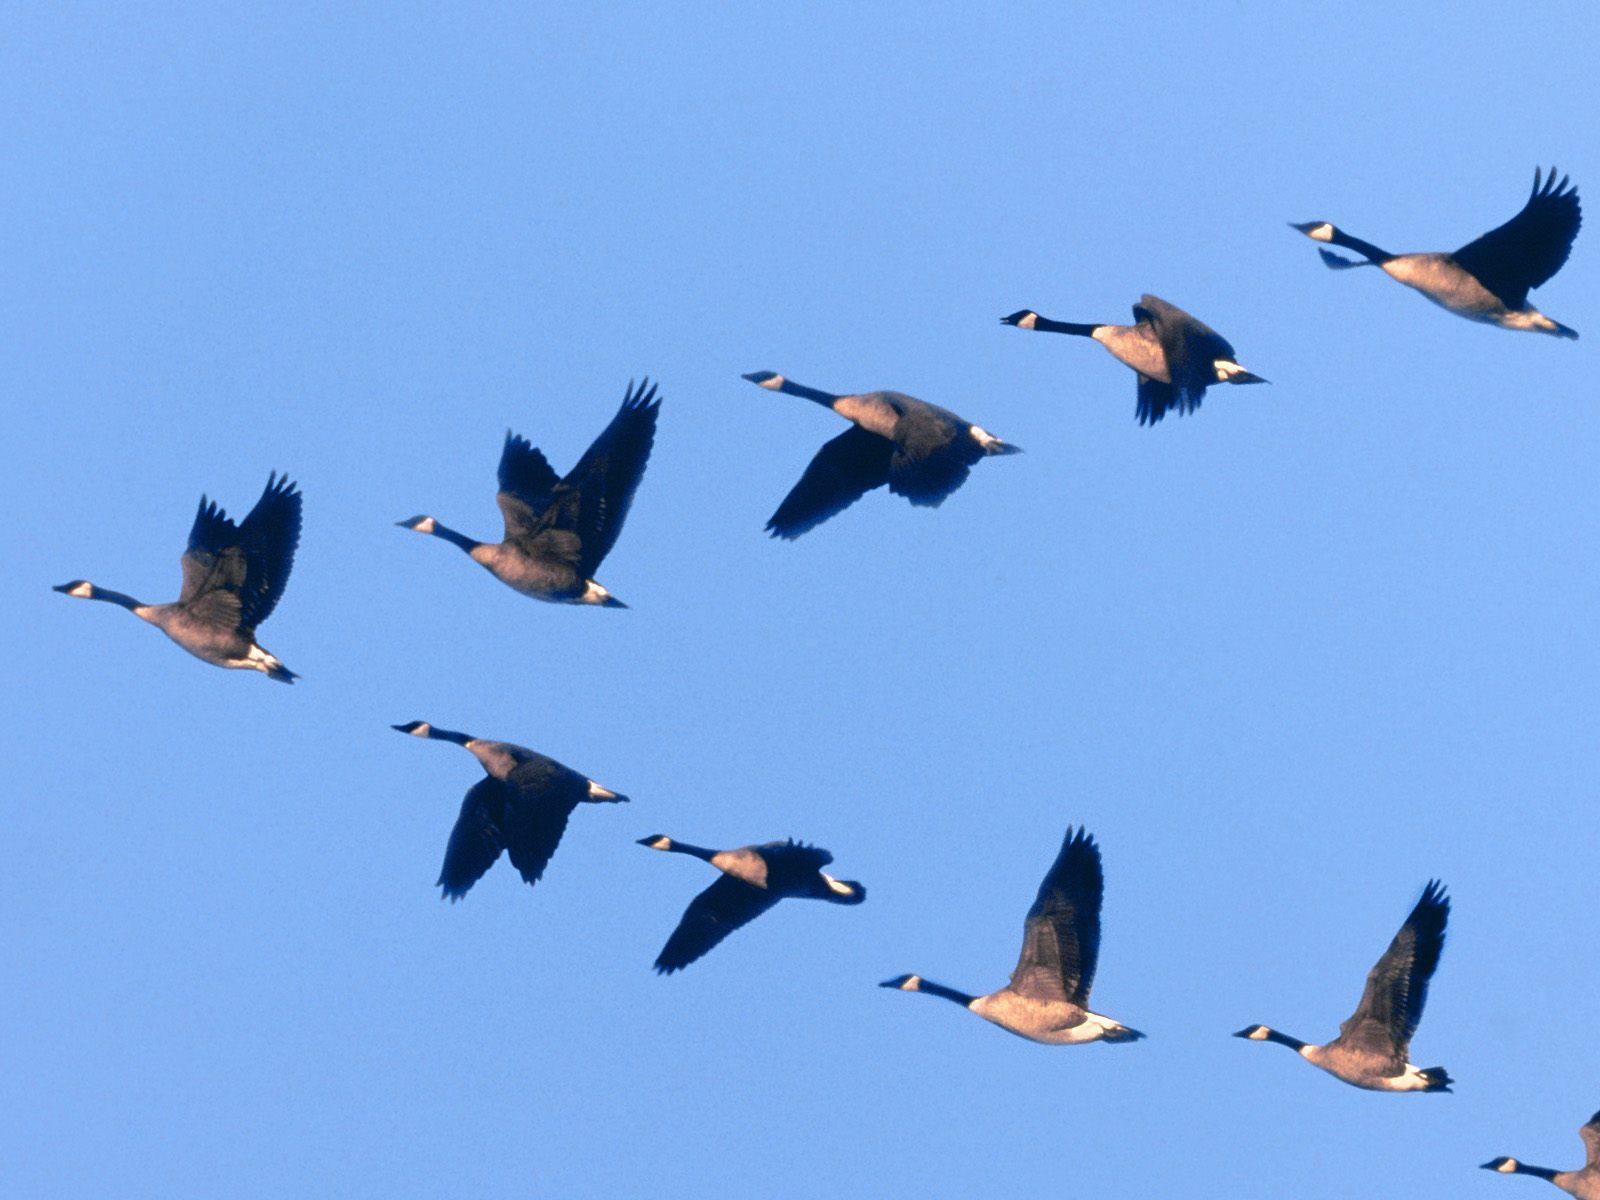 перелет птиц в картинках ресурс печатного блока